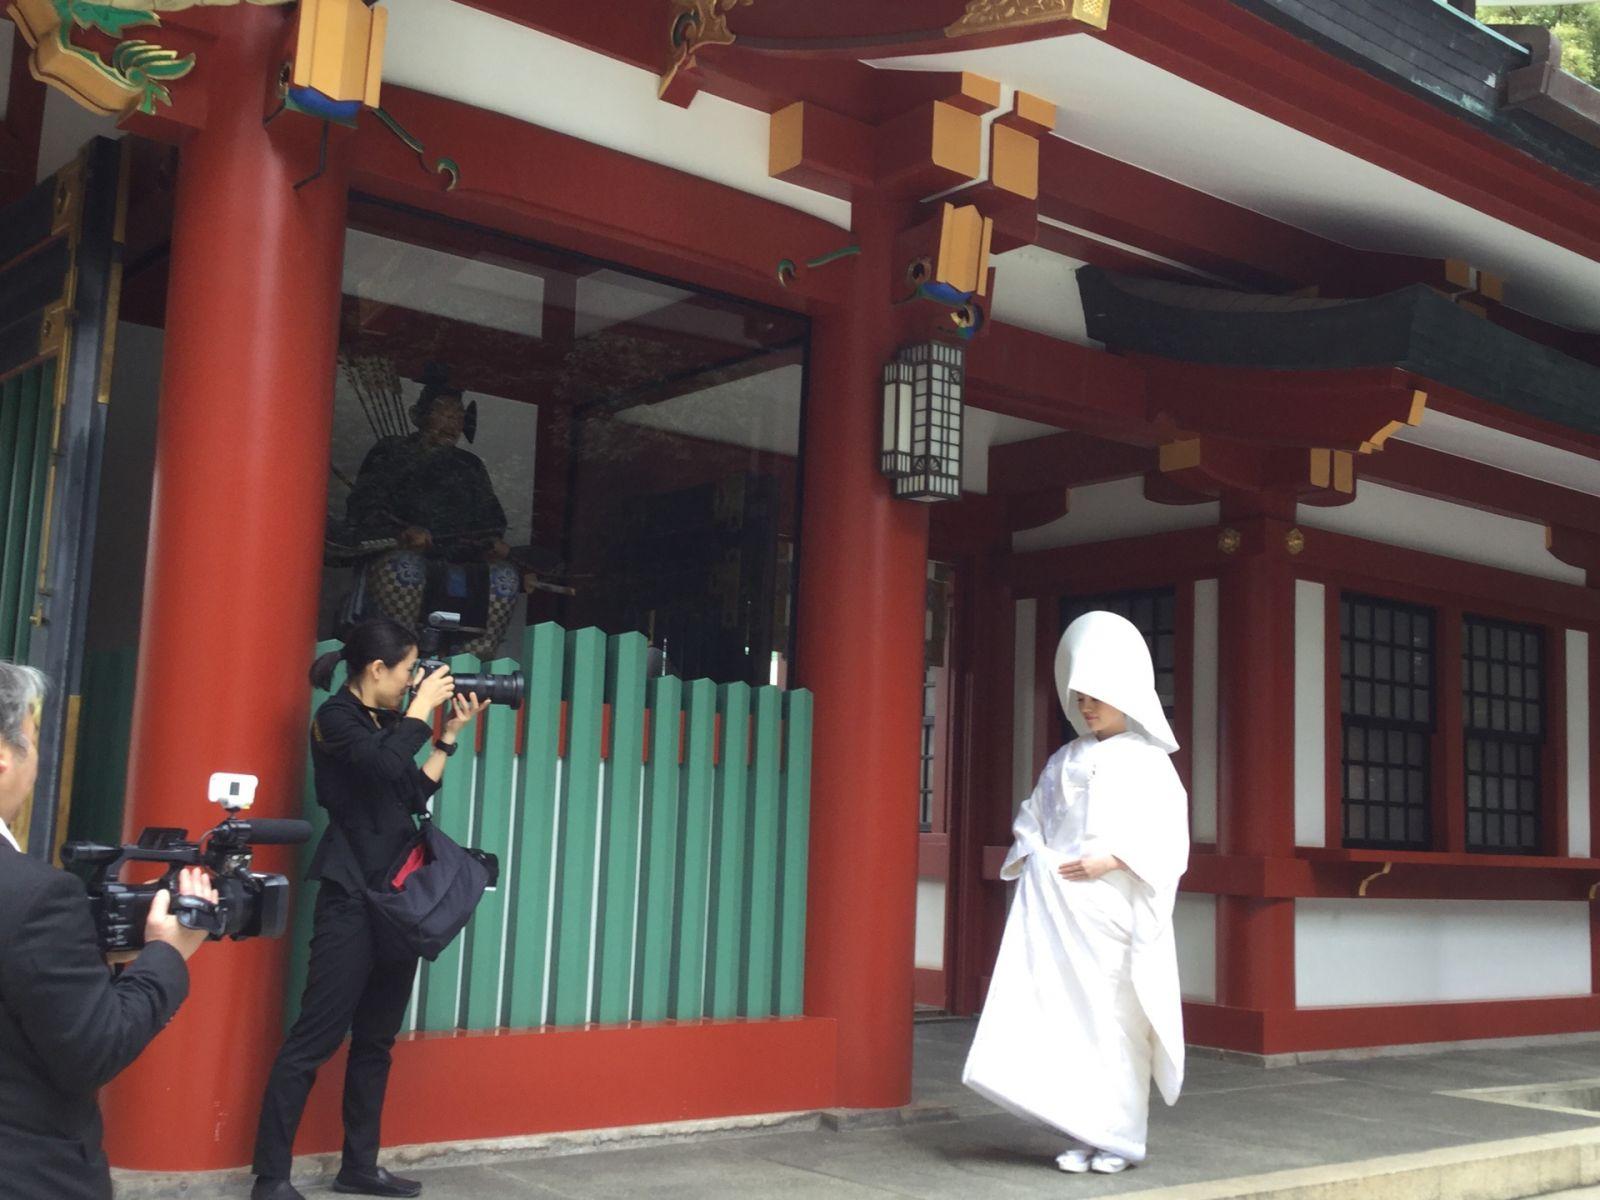 新春日本神社參拜 認識文化、歷史好去處